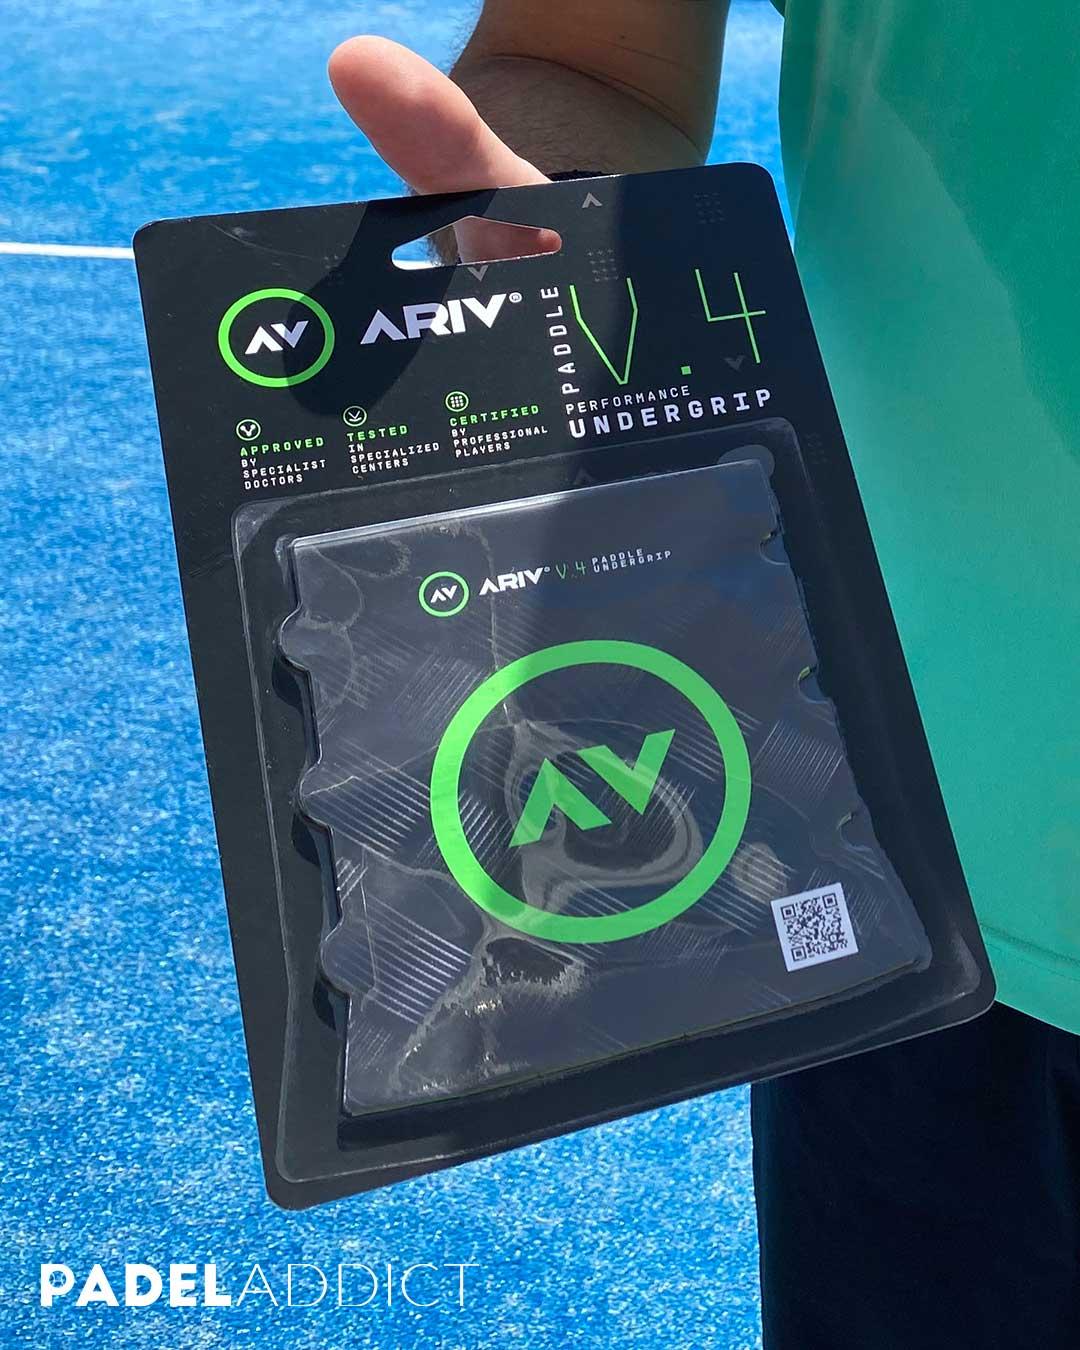 Una de las principales ventajas del ARIV undergrip es que llega a absorber hasta el 70% de las vibraciones